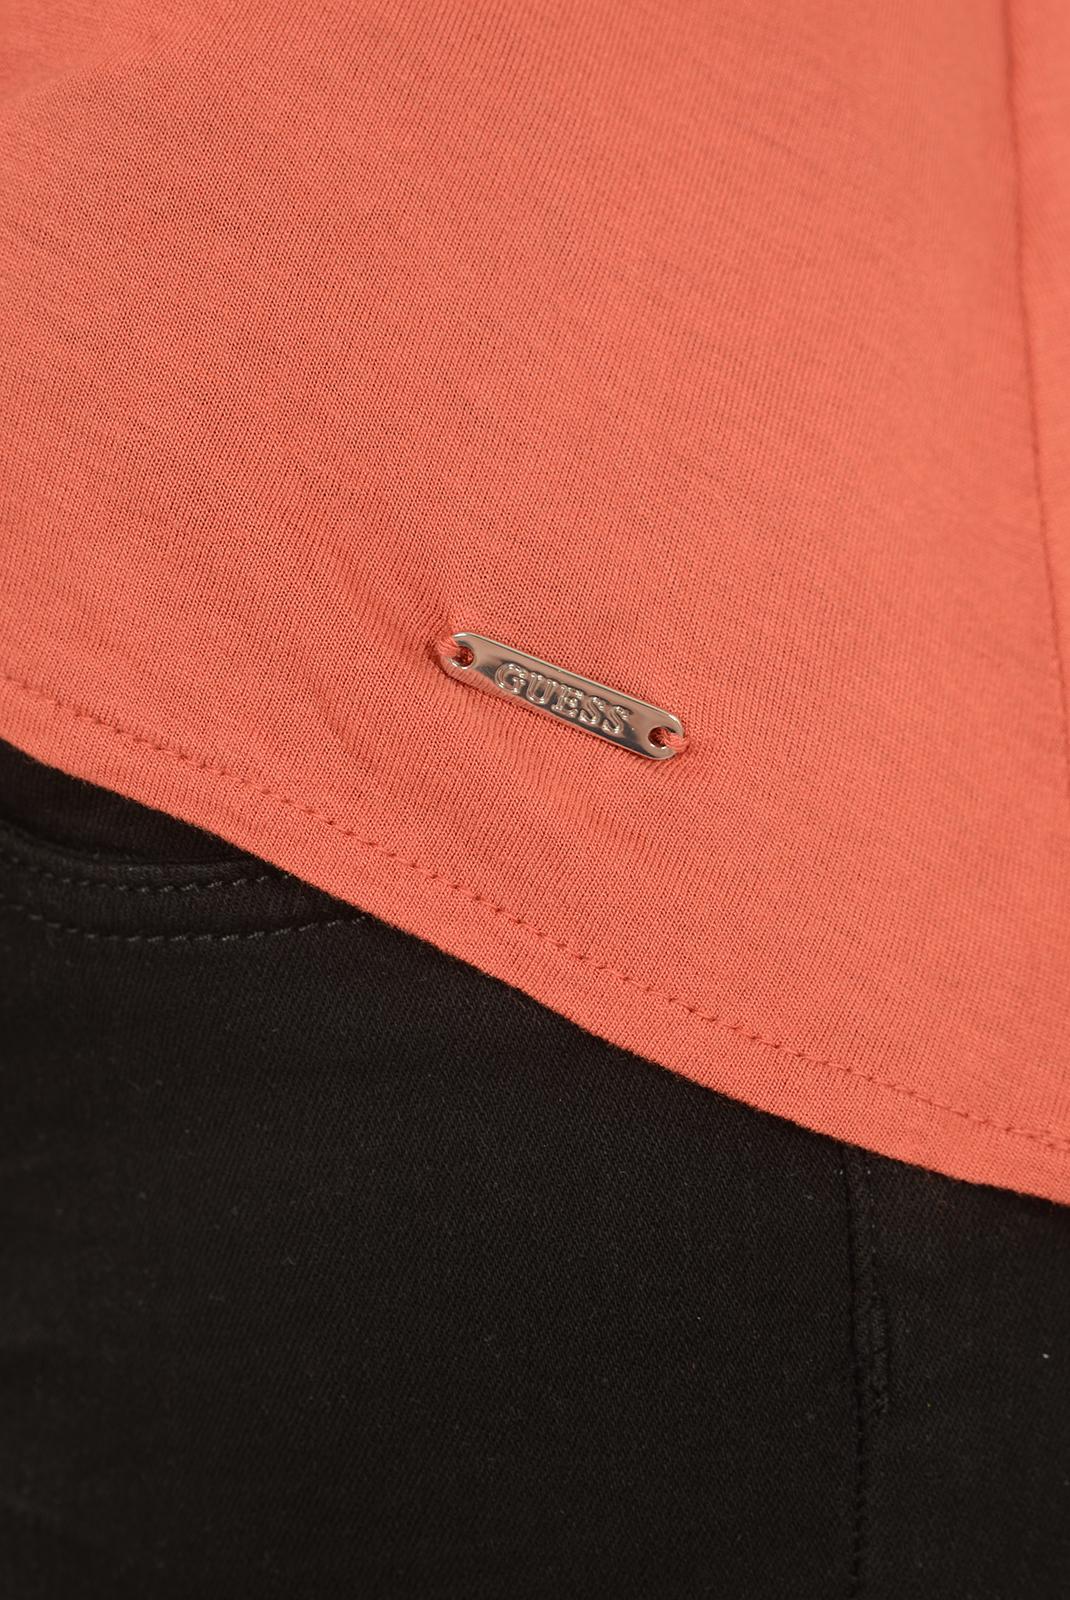 Tops & Tee shirts  Guess jeans W72P72 K5JB0 B548